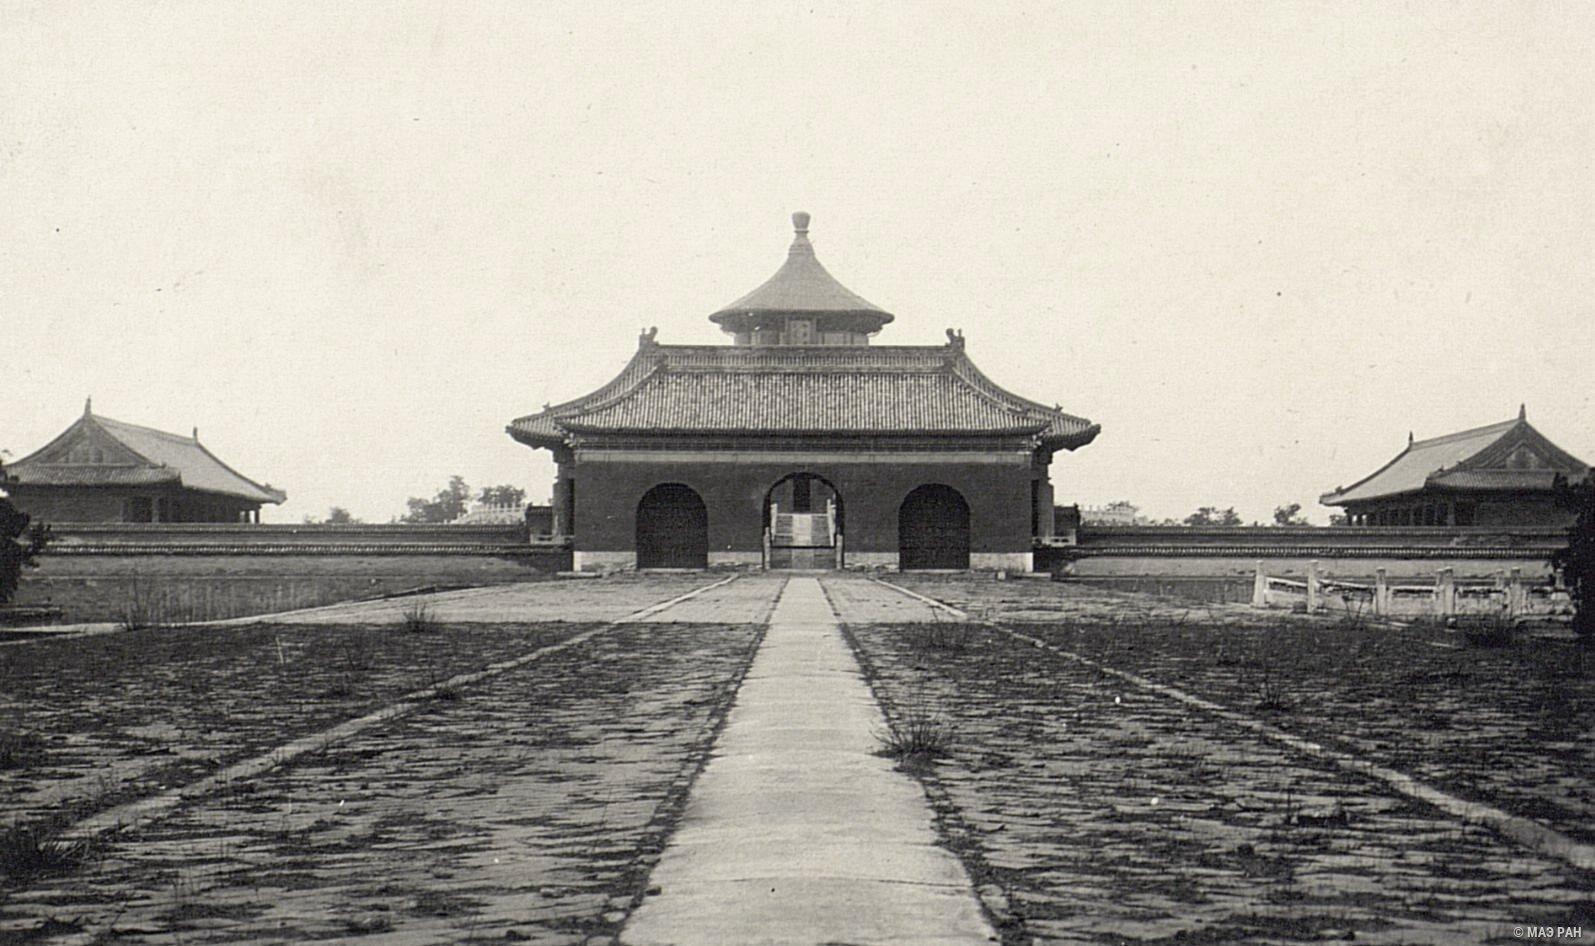 Священная дорога к Храму Неба. Вид через ворота Совершенного целомудрия